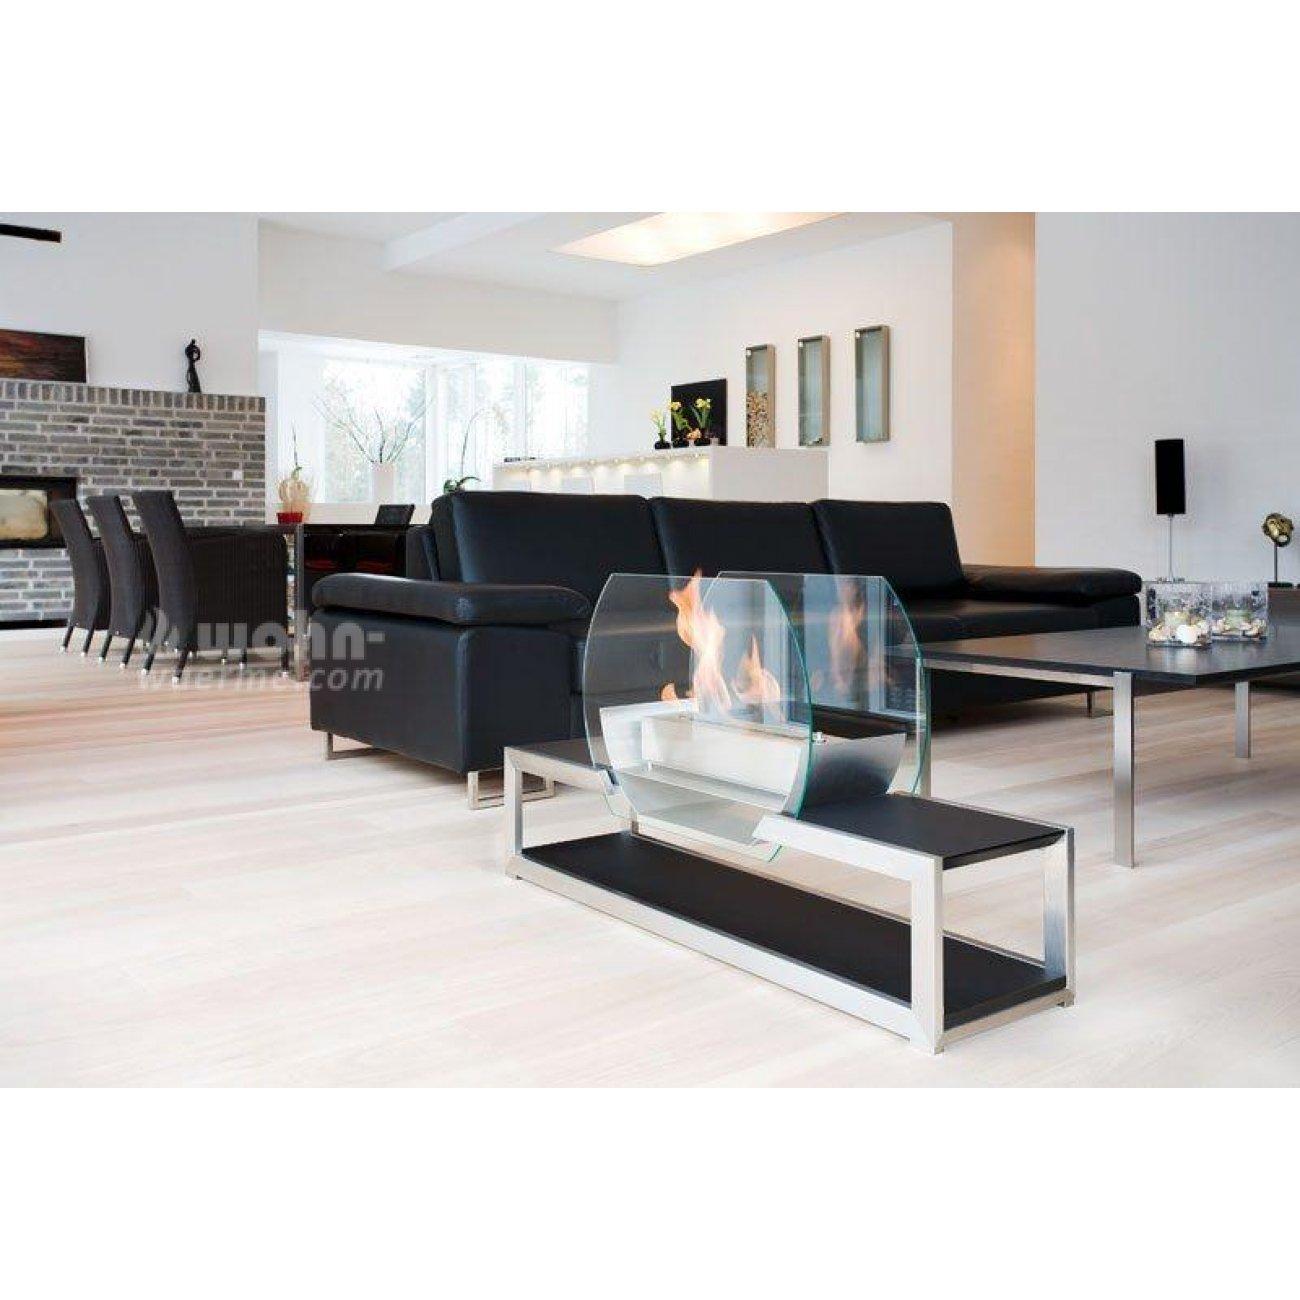 decoflame chicago ethanol kamin. Black Bedroom Furniture Sets. Home Design Ideas